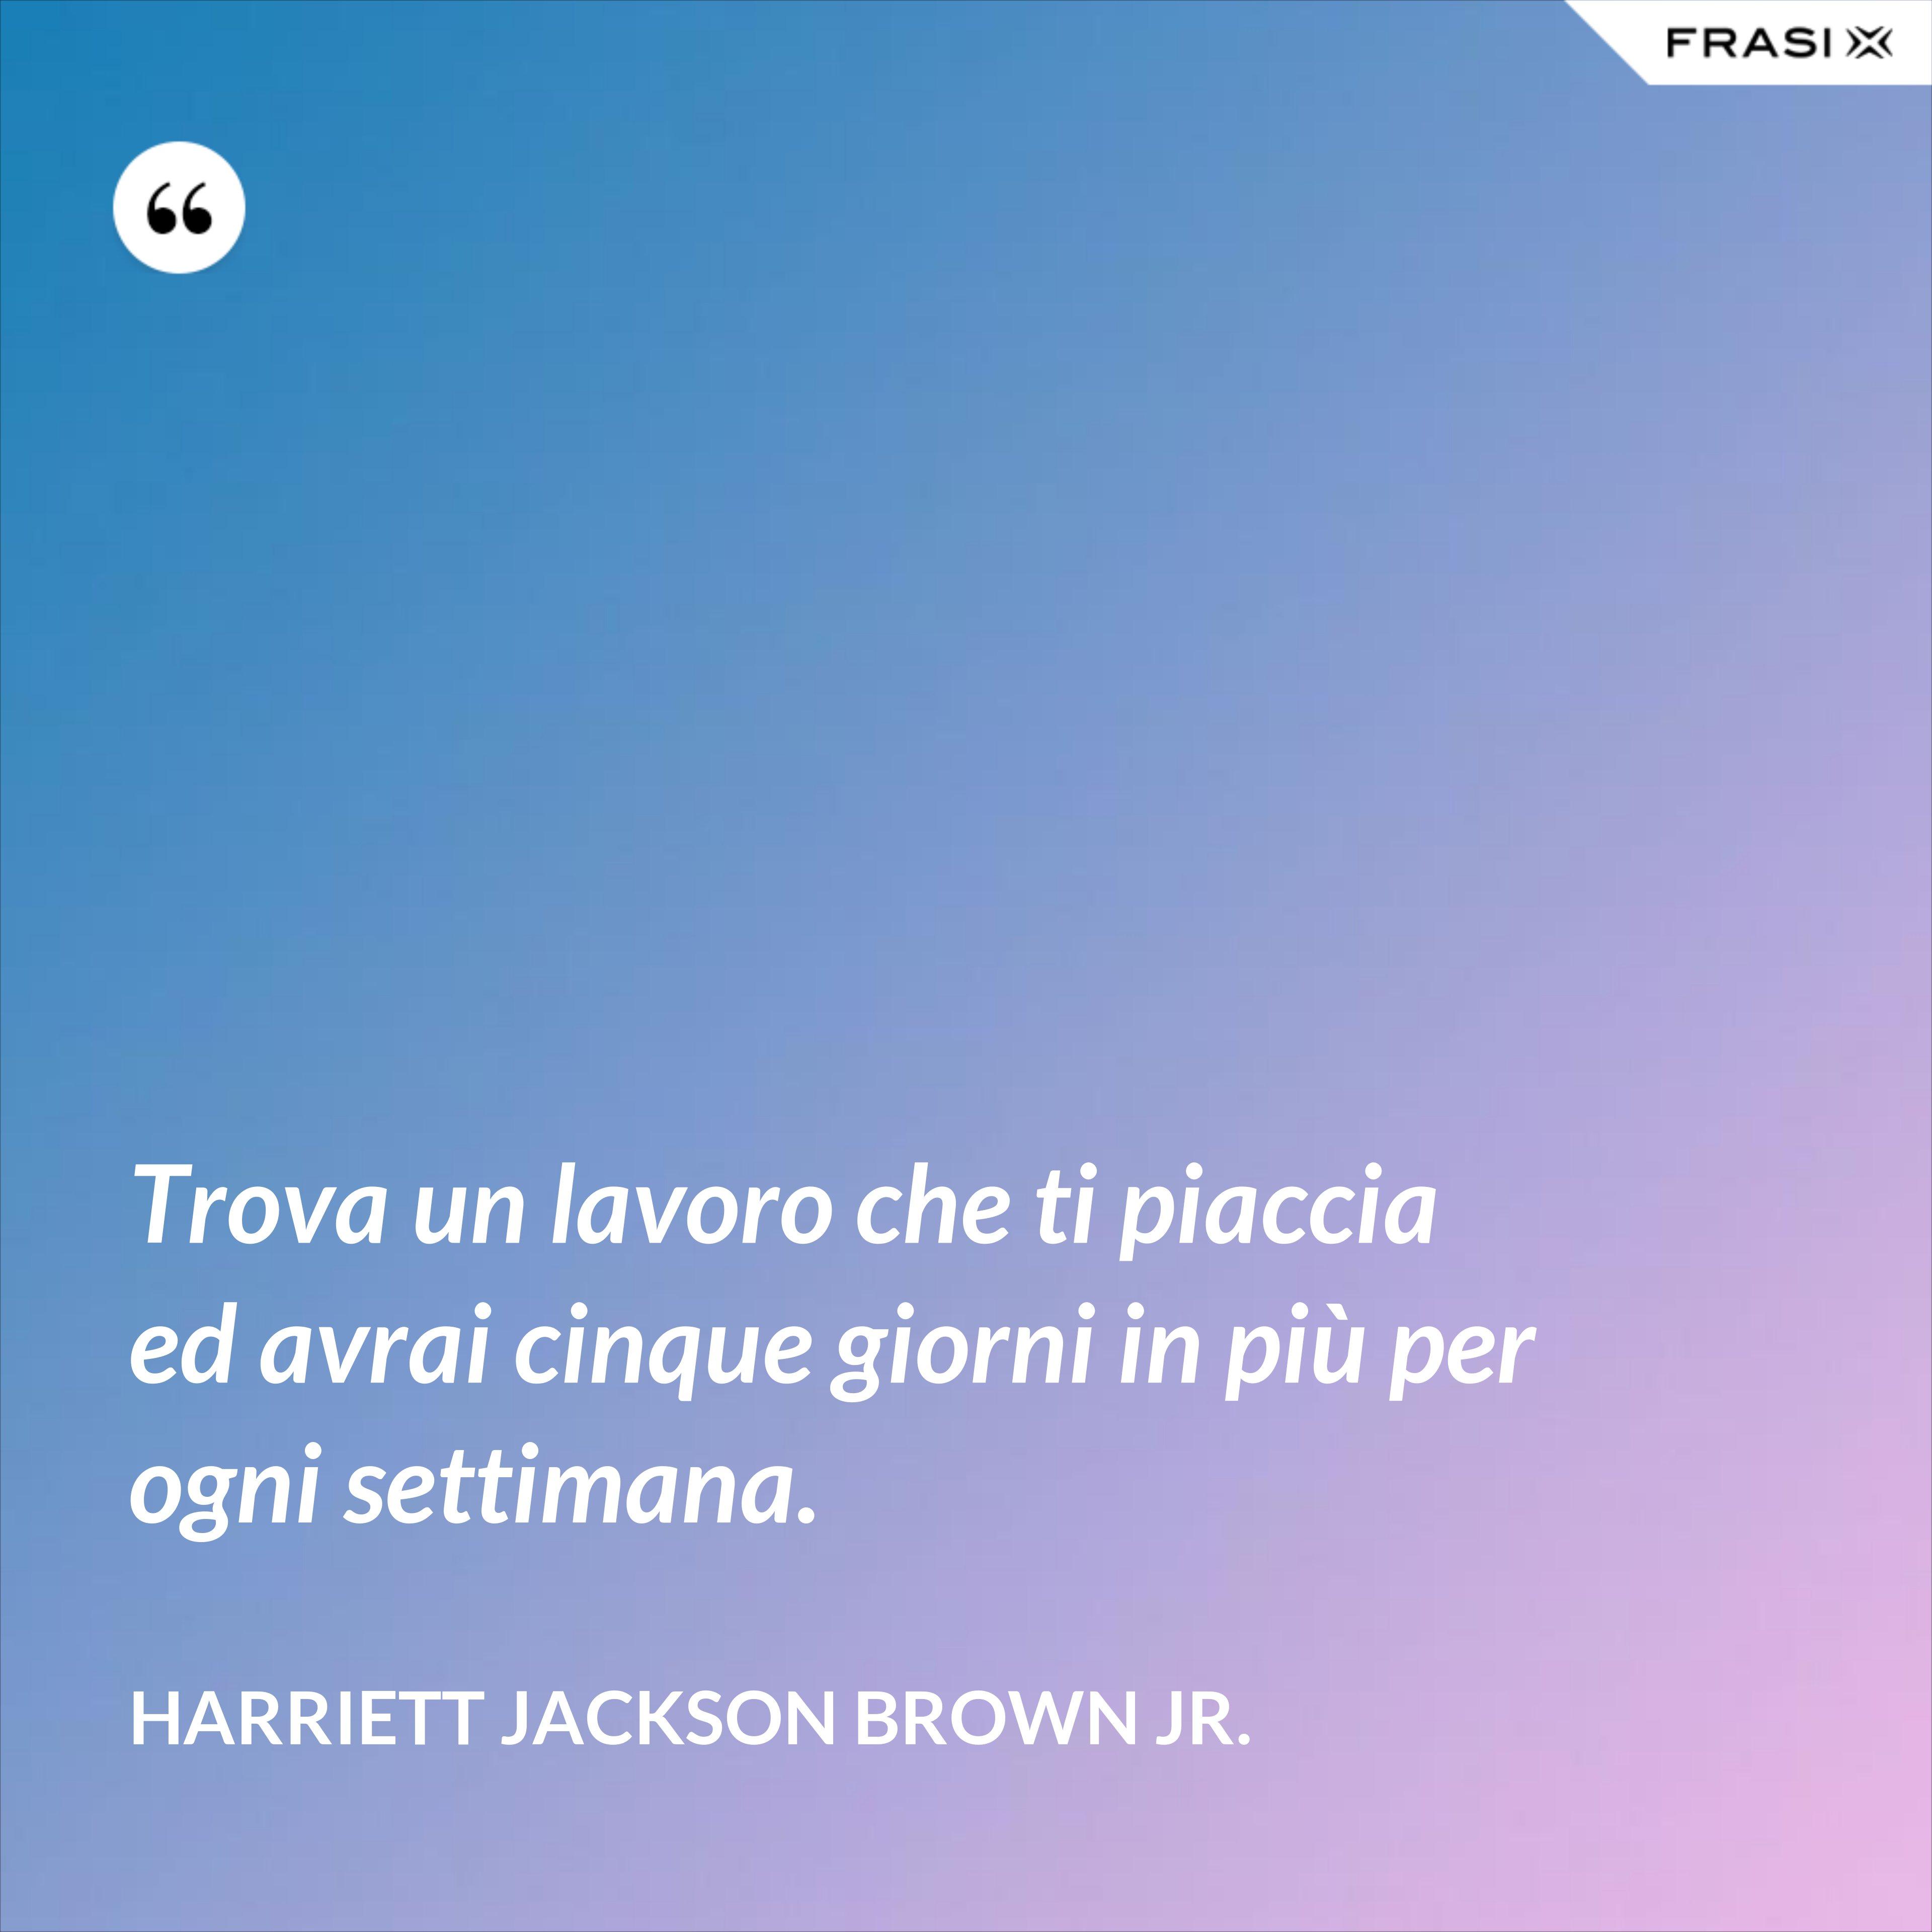 Trova un lavoro che ti piaccia ed avrai cinque giorni in più per ogni settimana. - Harriett Jackson Brown Jr.